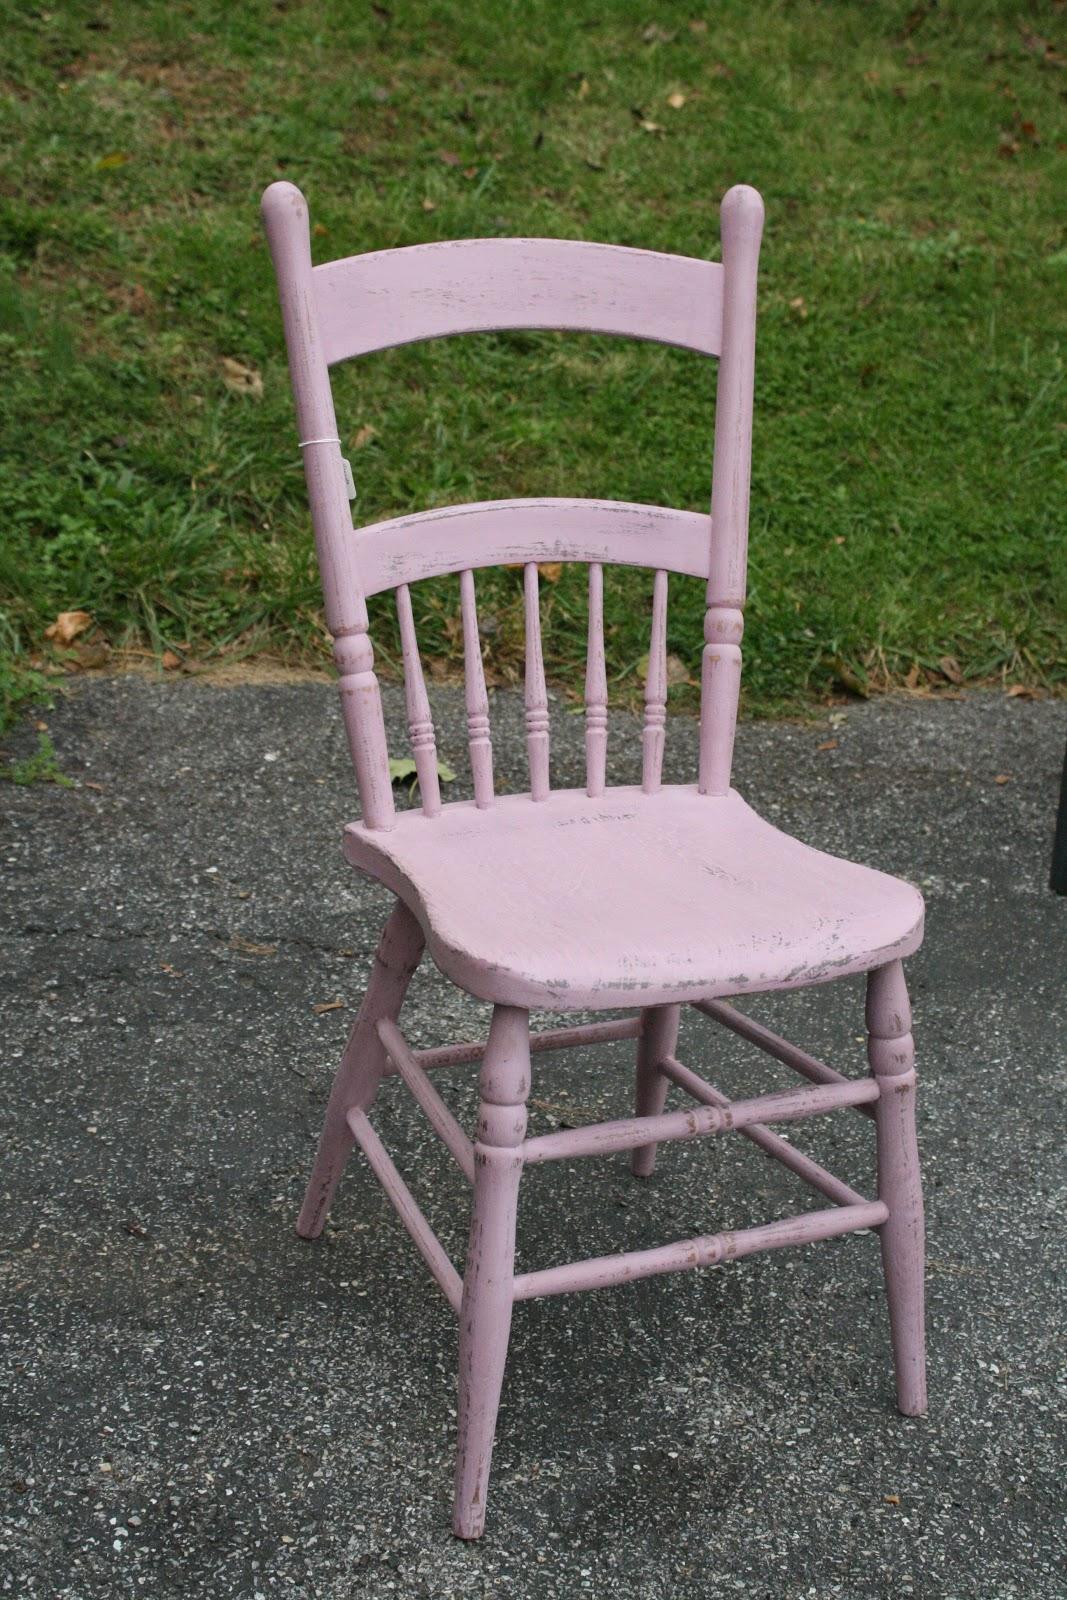 http://3.bp.blogspot.com/-k6G7IByGpXs/UIif-hP54bI/AAAAAAAAKxo/CBhxbnU9bqQ/s1600/pinkchair.jpg